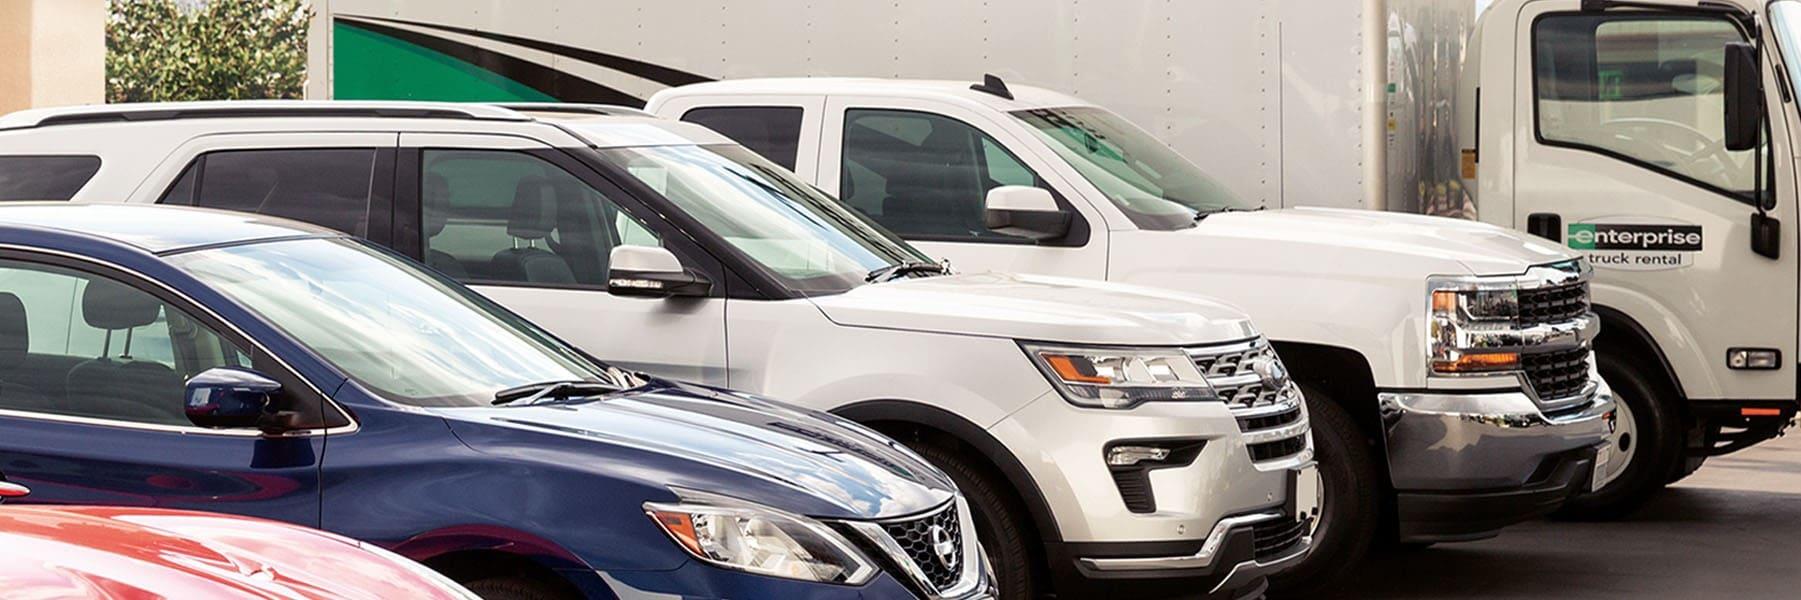 Symphonie Cuisine Hoerdt Avis rental cars at low, affordable rates | enterprise rent-a-car